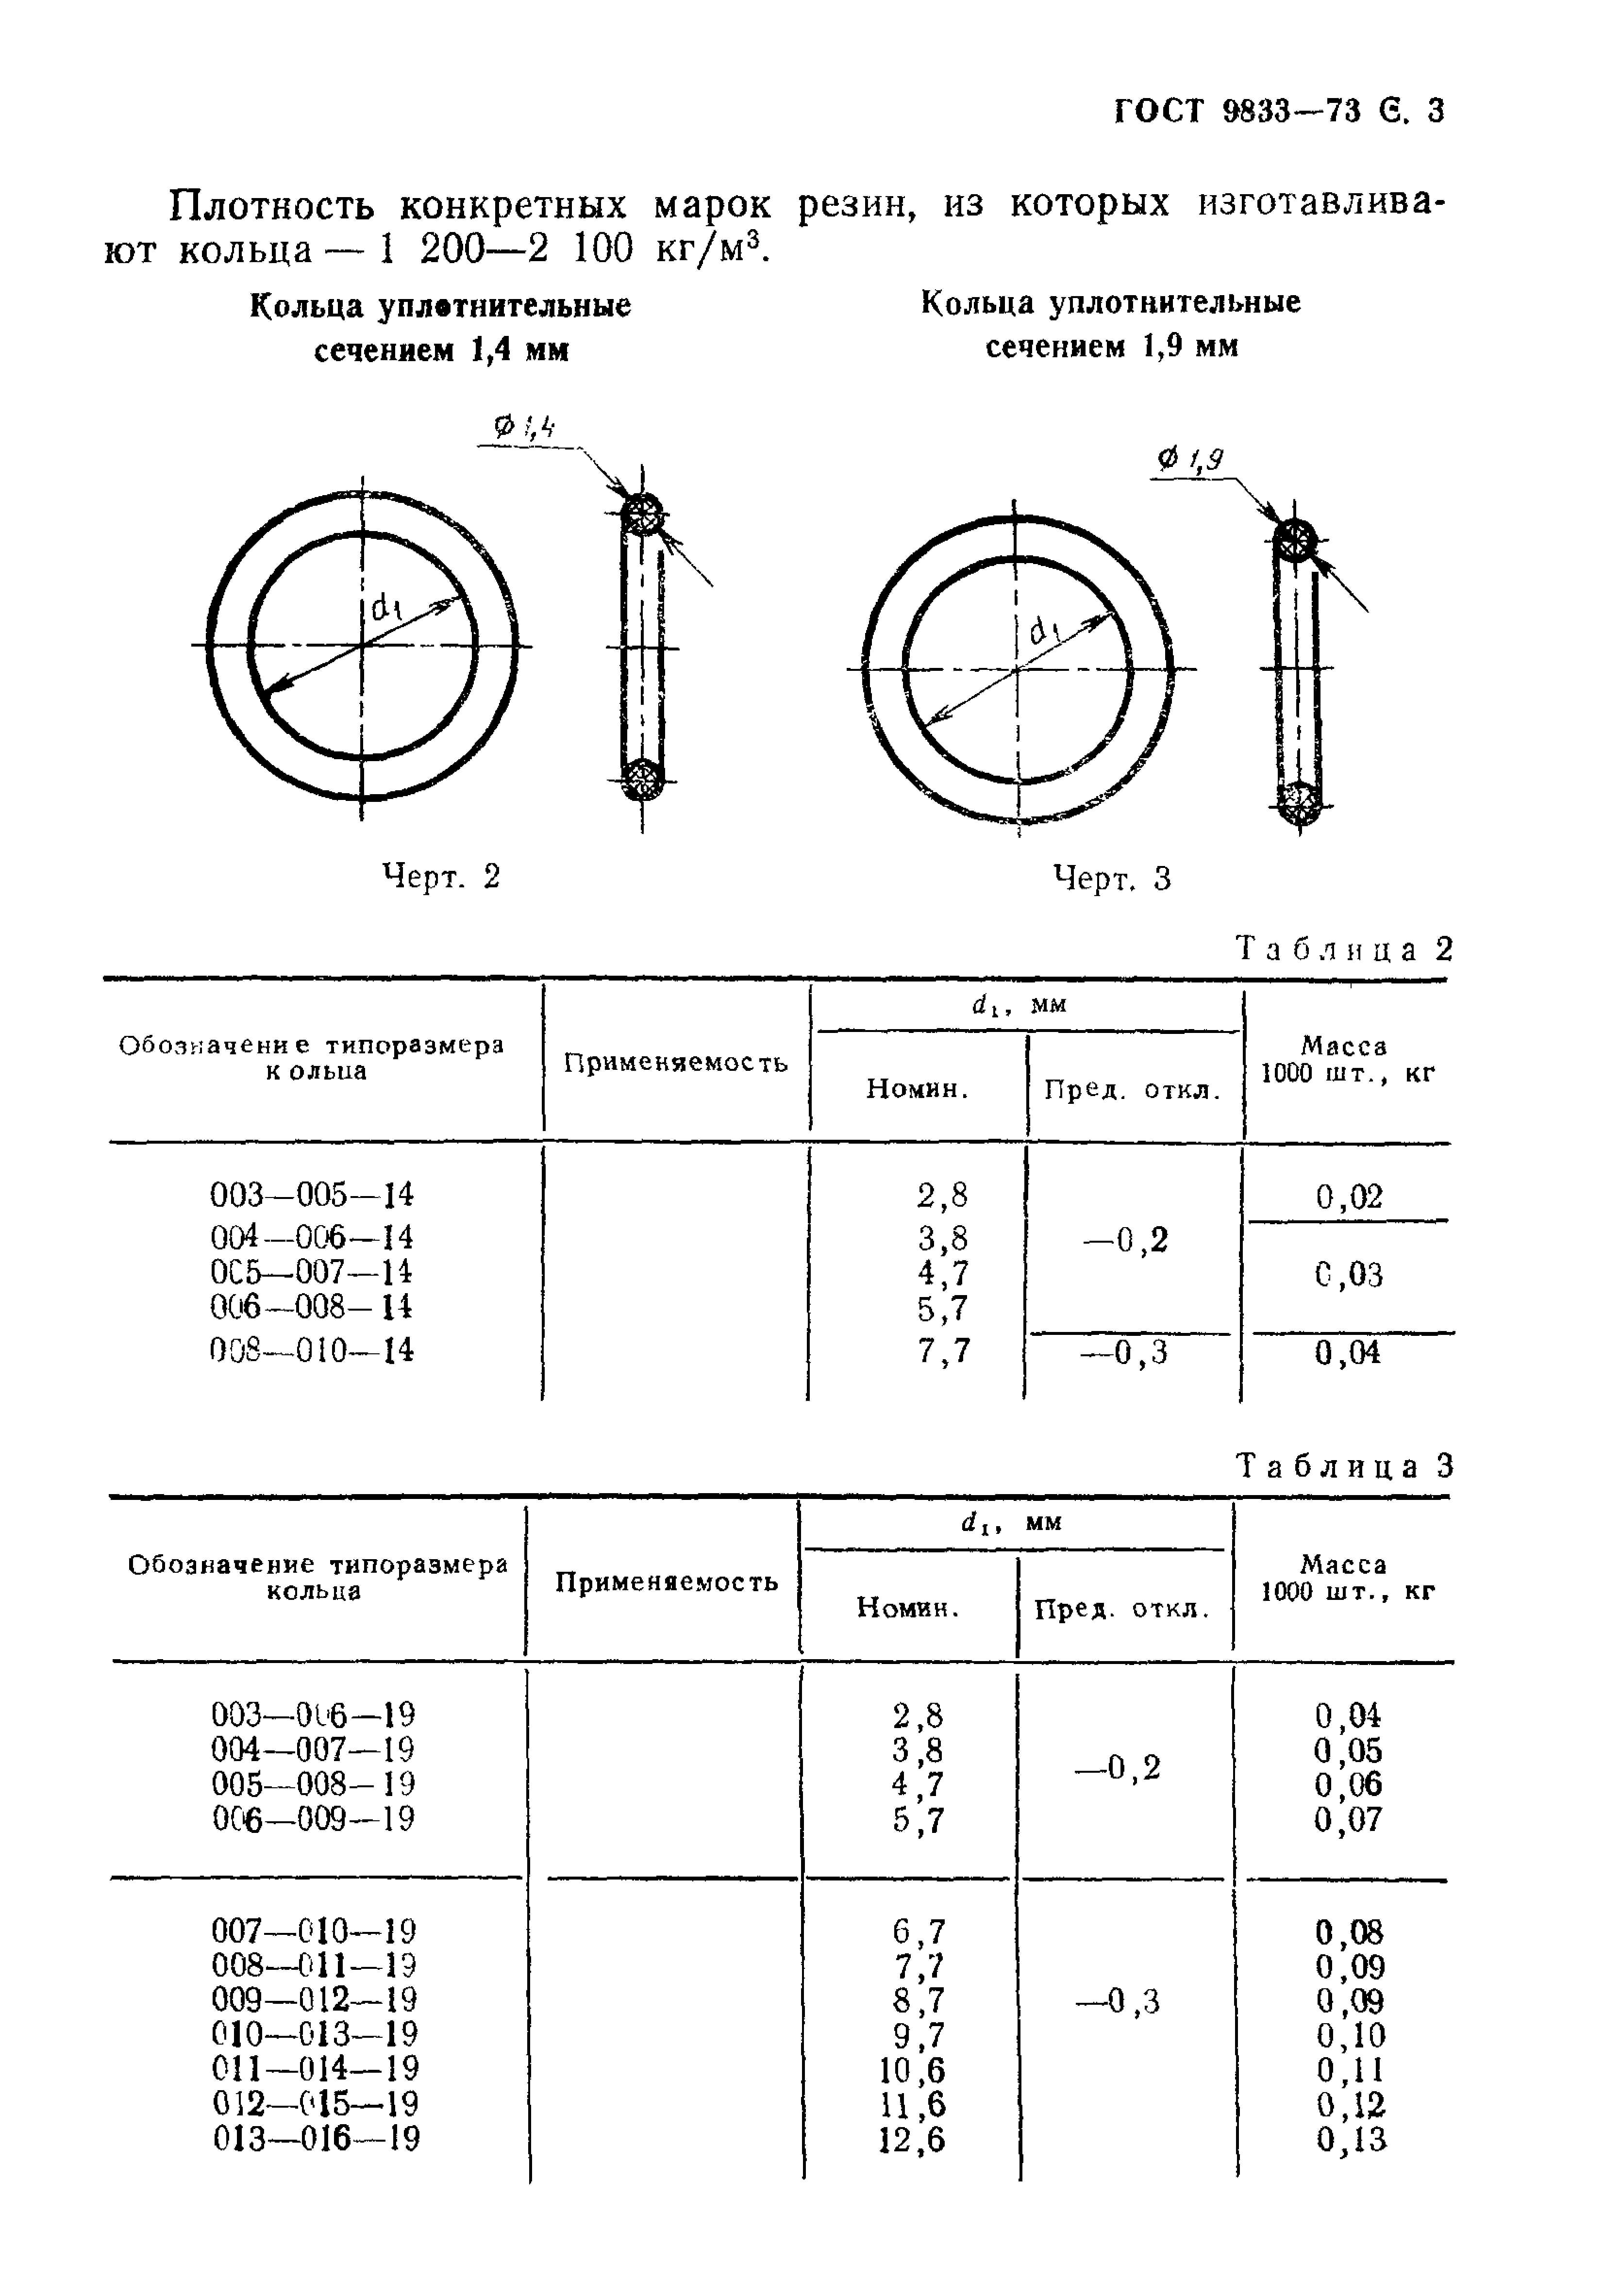 Гост 38-52: кольца резиновые уплотнительные для соединительных головок тормозных рукавов